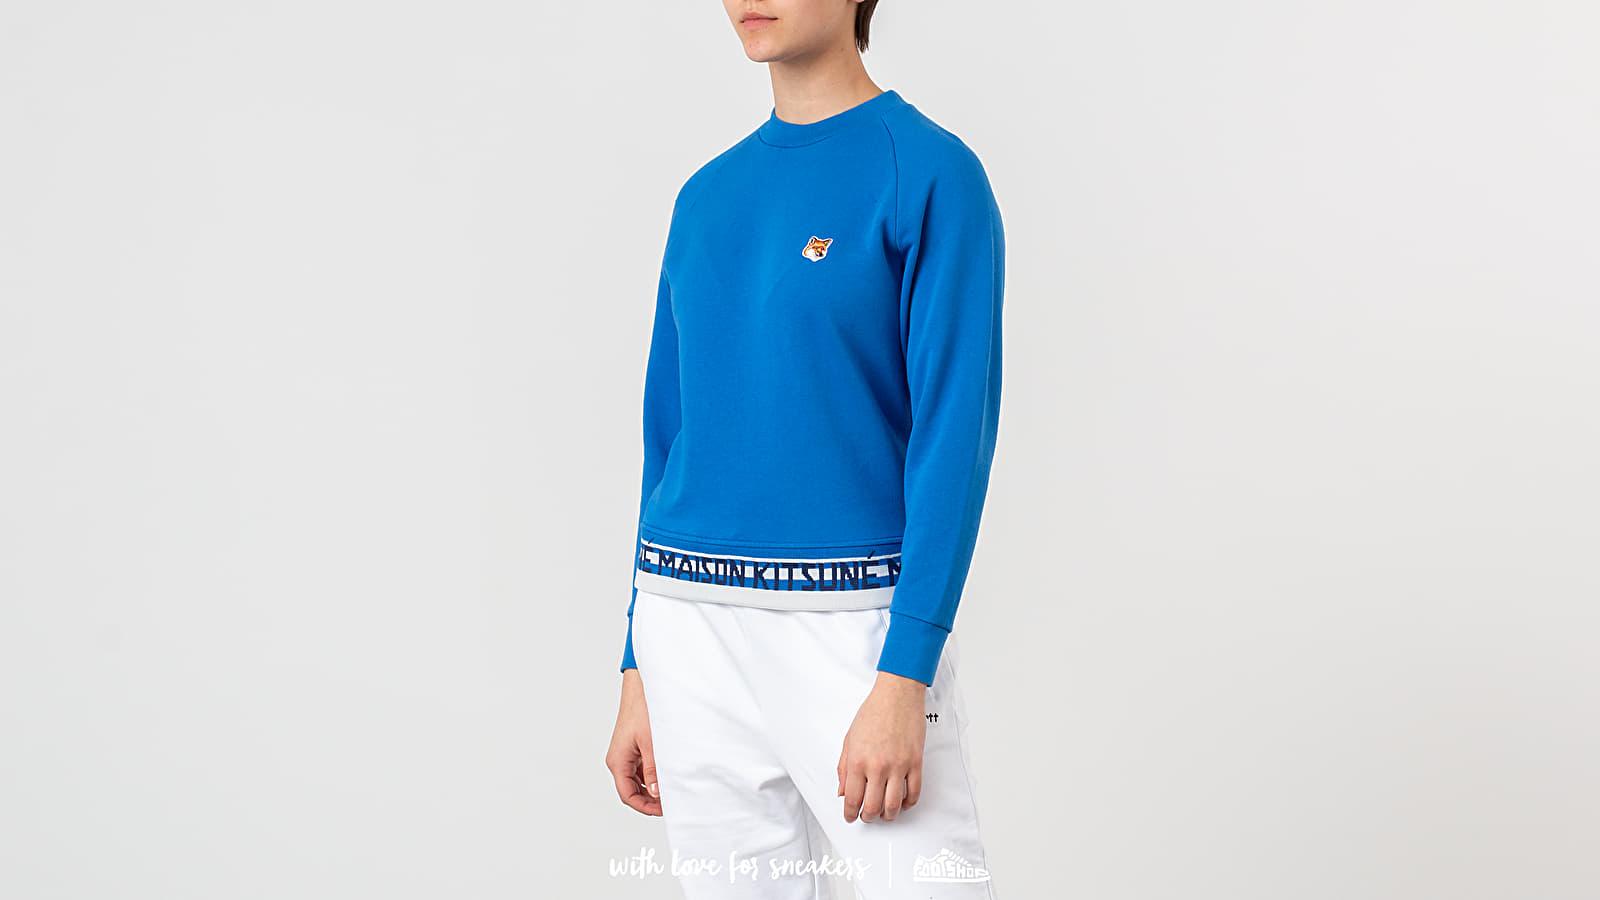 MAISON KITSUNÉ Fox Head Patch Jacquard Sweatshirt Blue za skvelú cenu 143 € kúpite na Footshop.sk